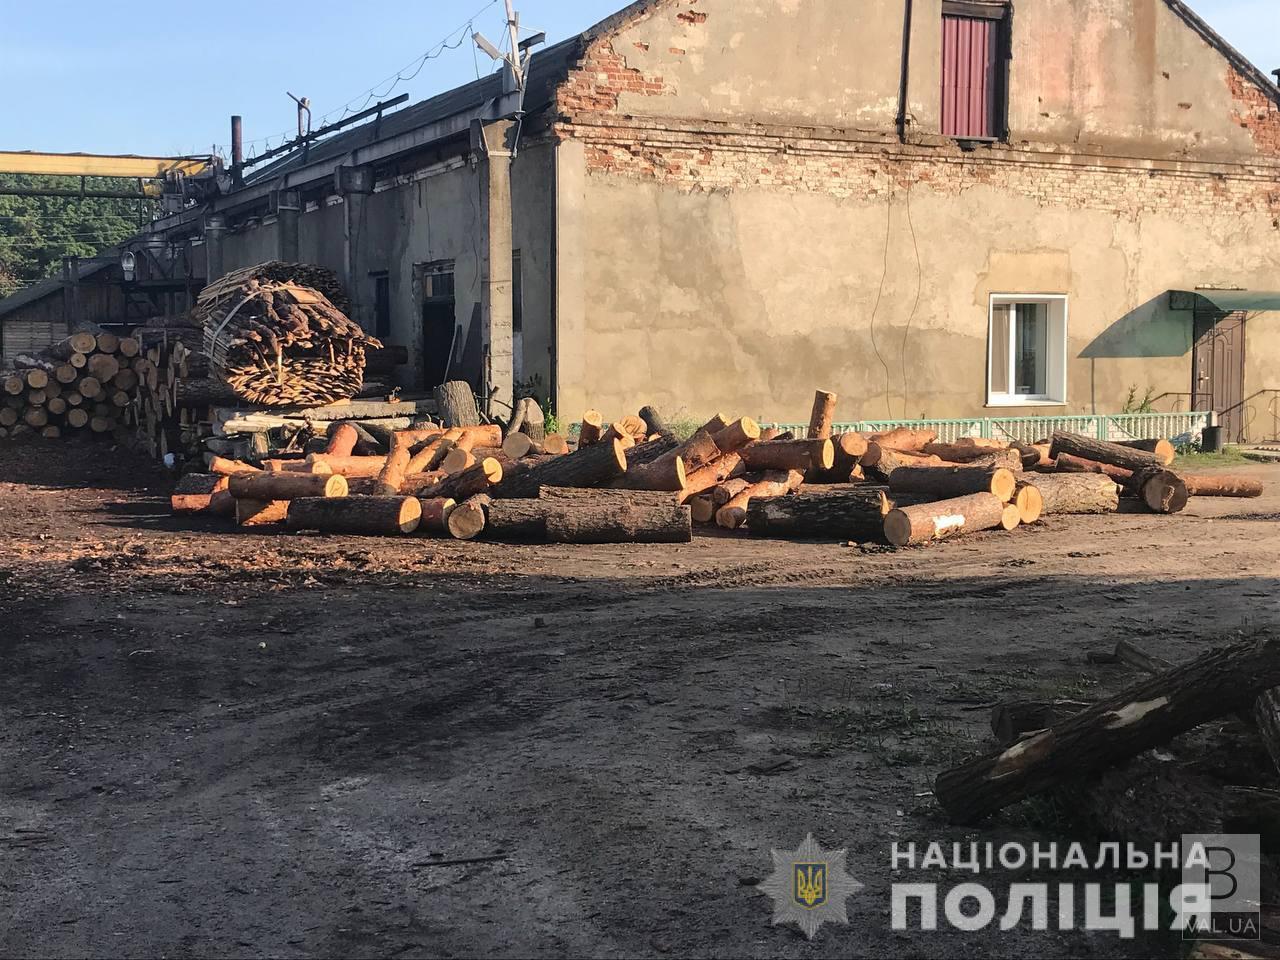 Супутниковий моніторинг допоміг: на Чернігівщині викрили групу «чорних» лісорубів. ФОТО